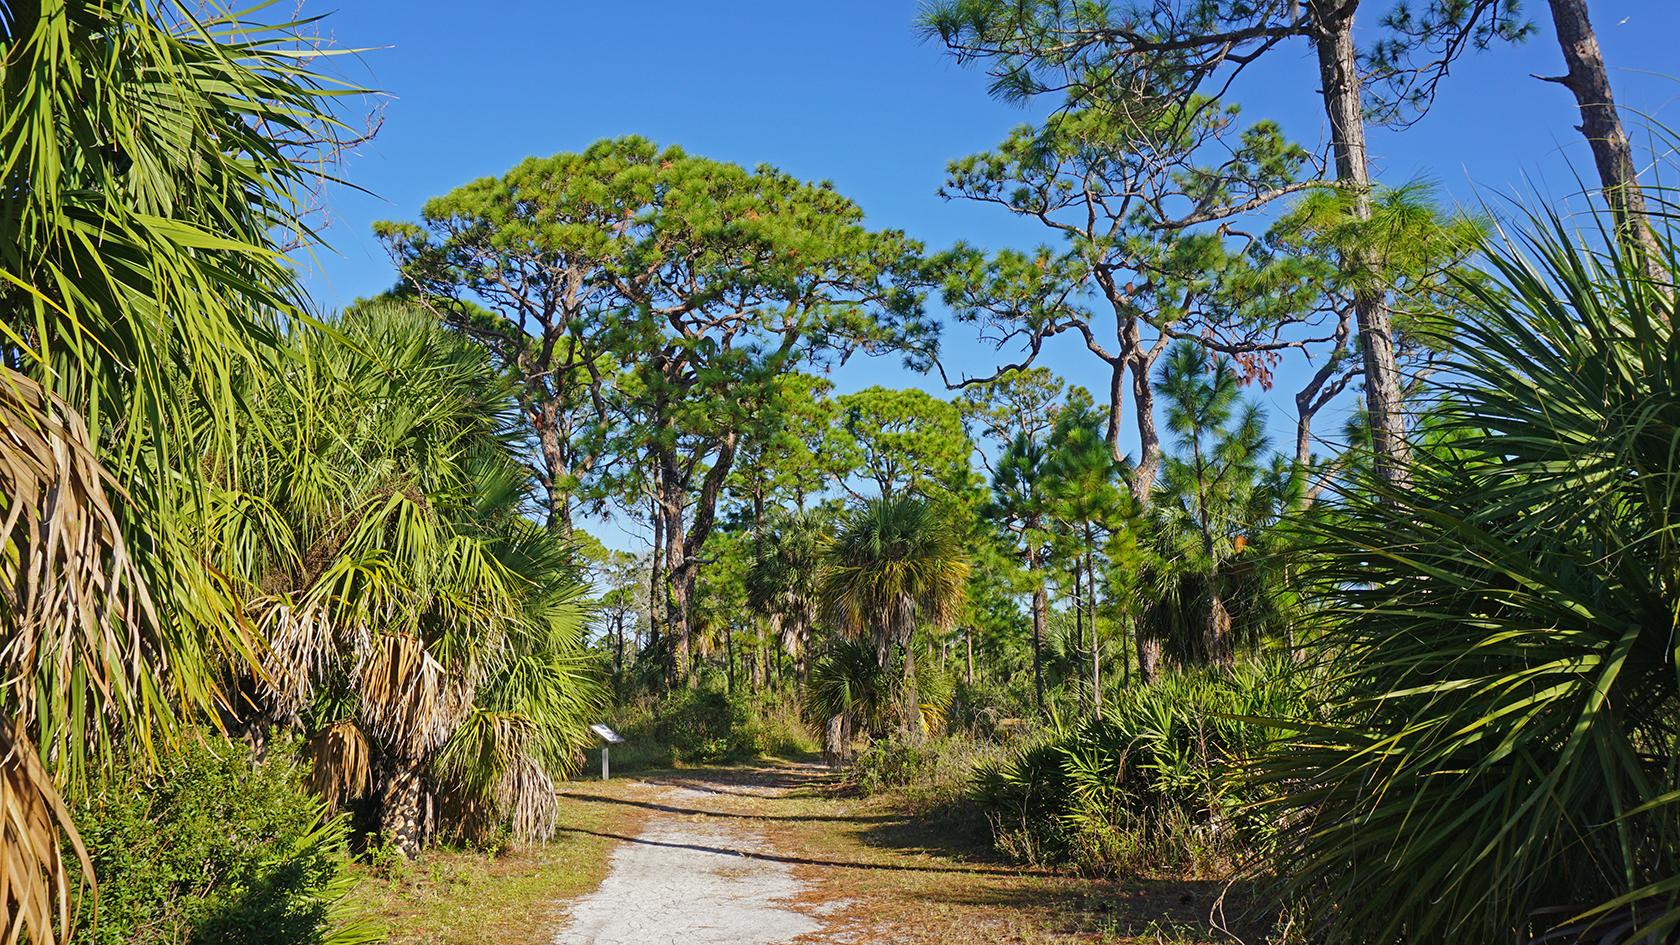 Honeymoon Island Osprey Trail